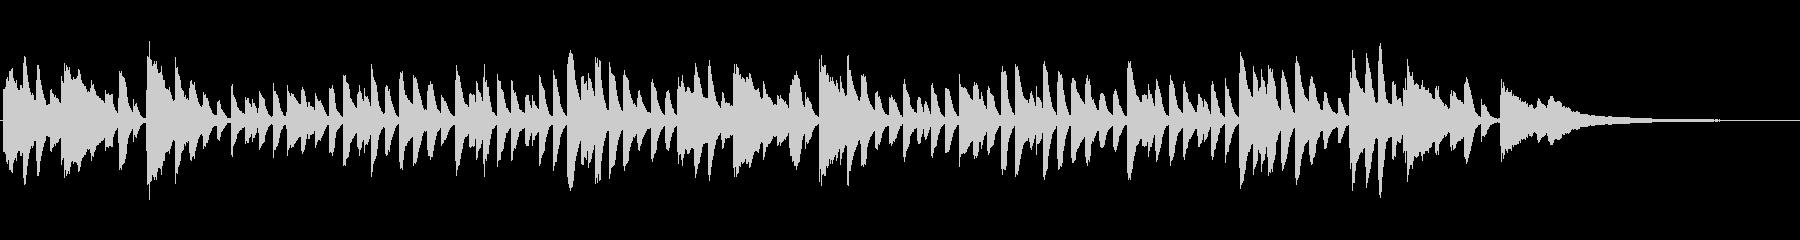 童謡「かたつむり」シンプルなピアノソロの未再生の波形